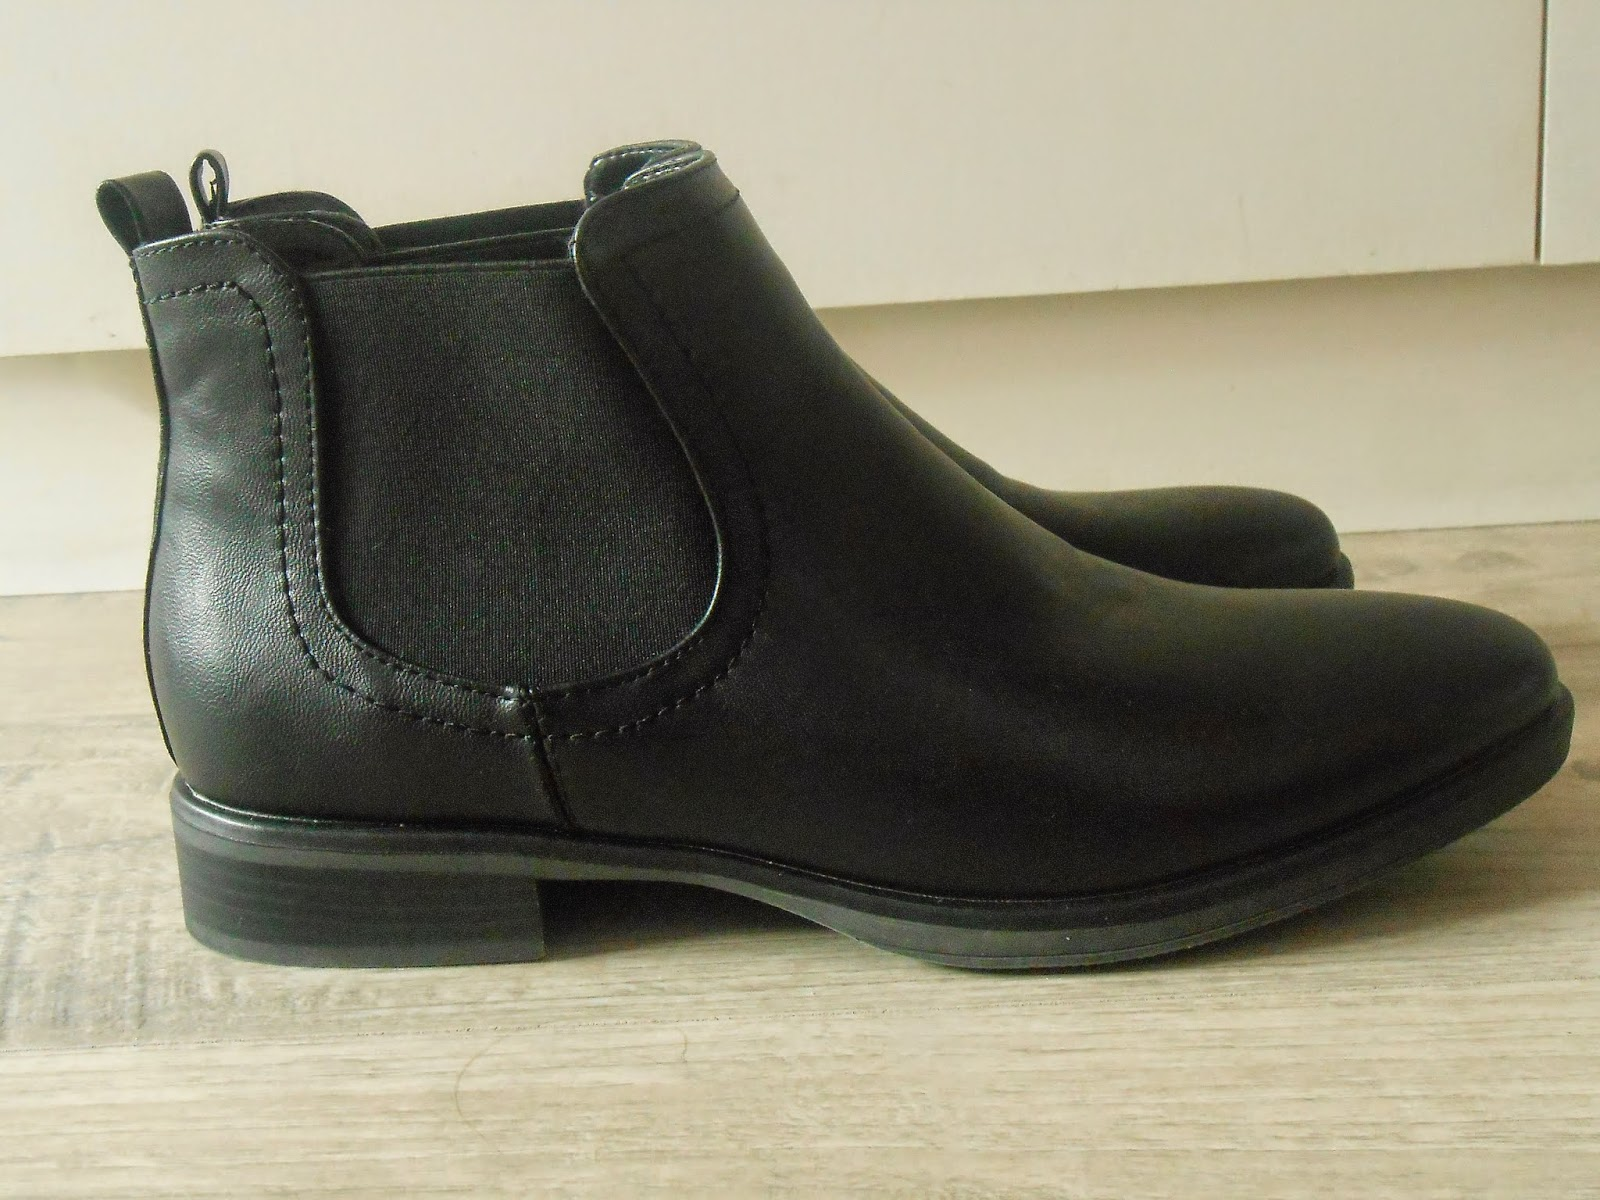 Trendreport: Chelsea boots